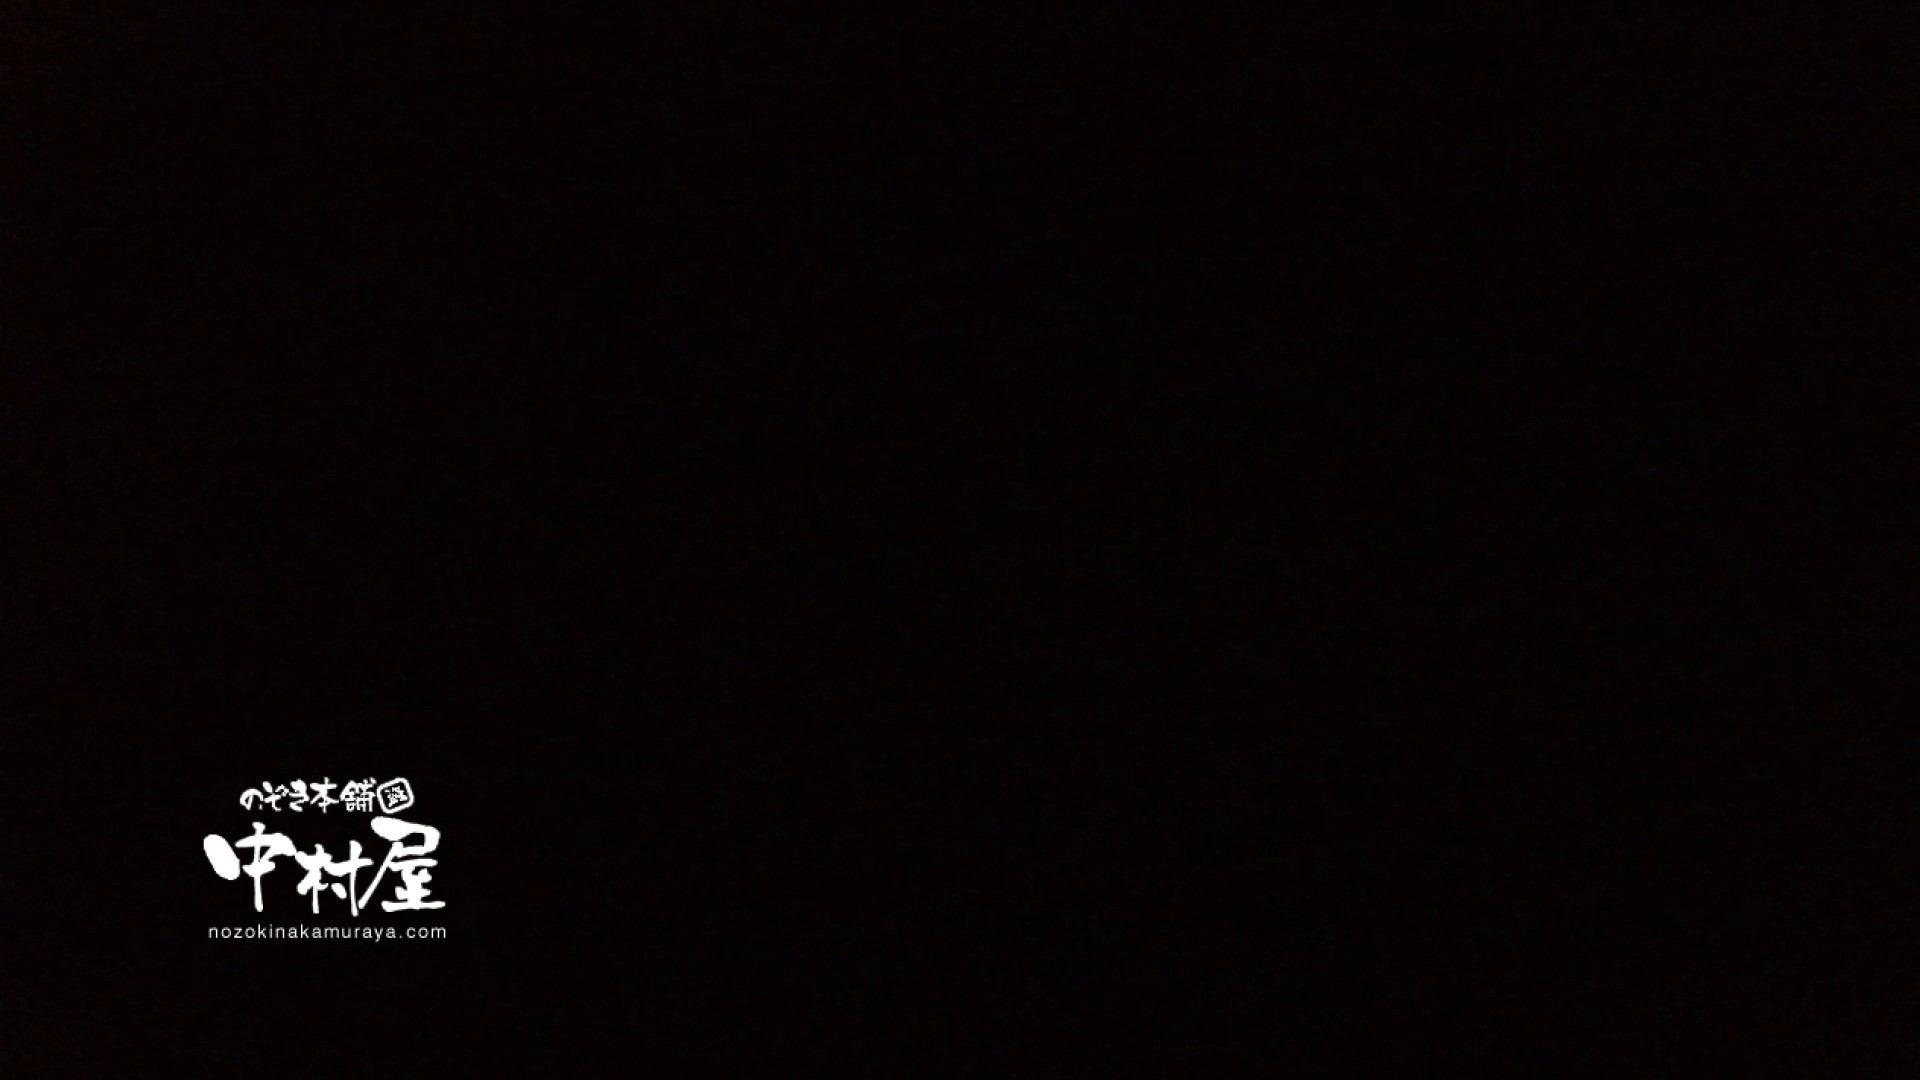 鬼畜 vol.10 あぁ無情…中出しパイパン! 前編 パイパン女子  107画像 80